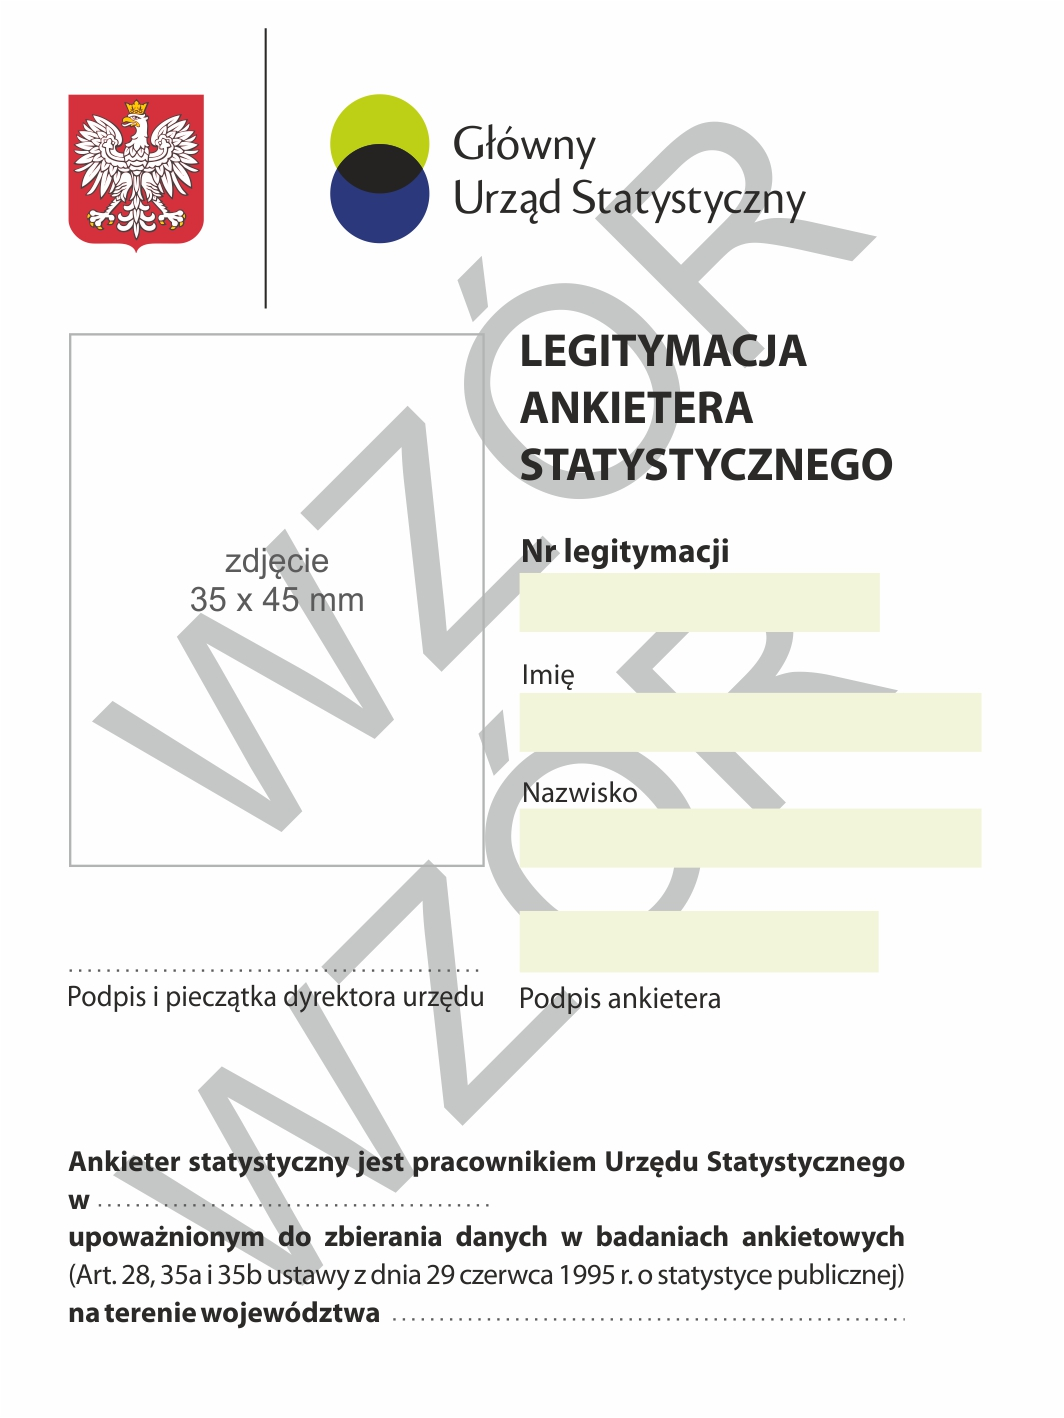 Wzór legitymacji ankietera zmiennego